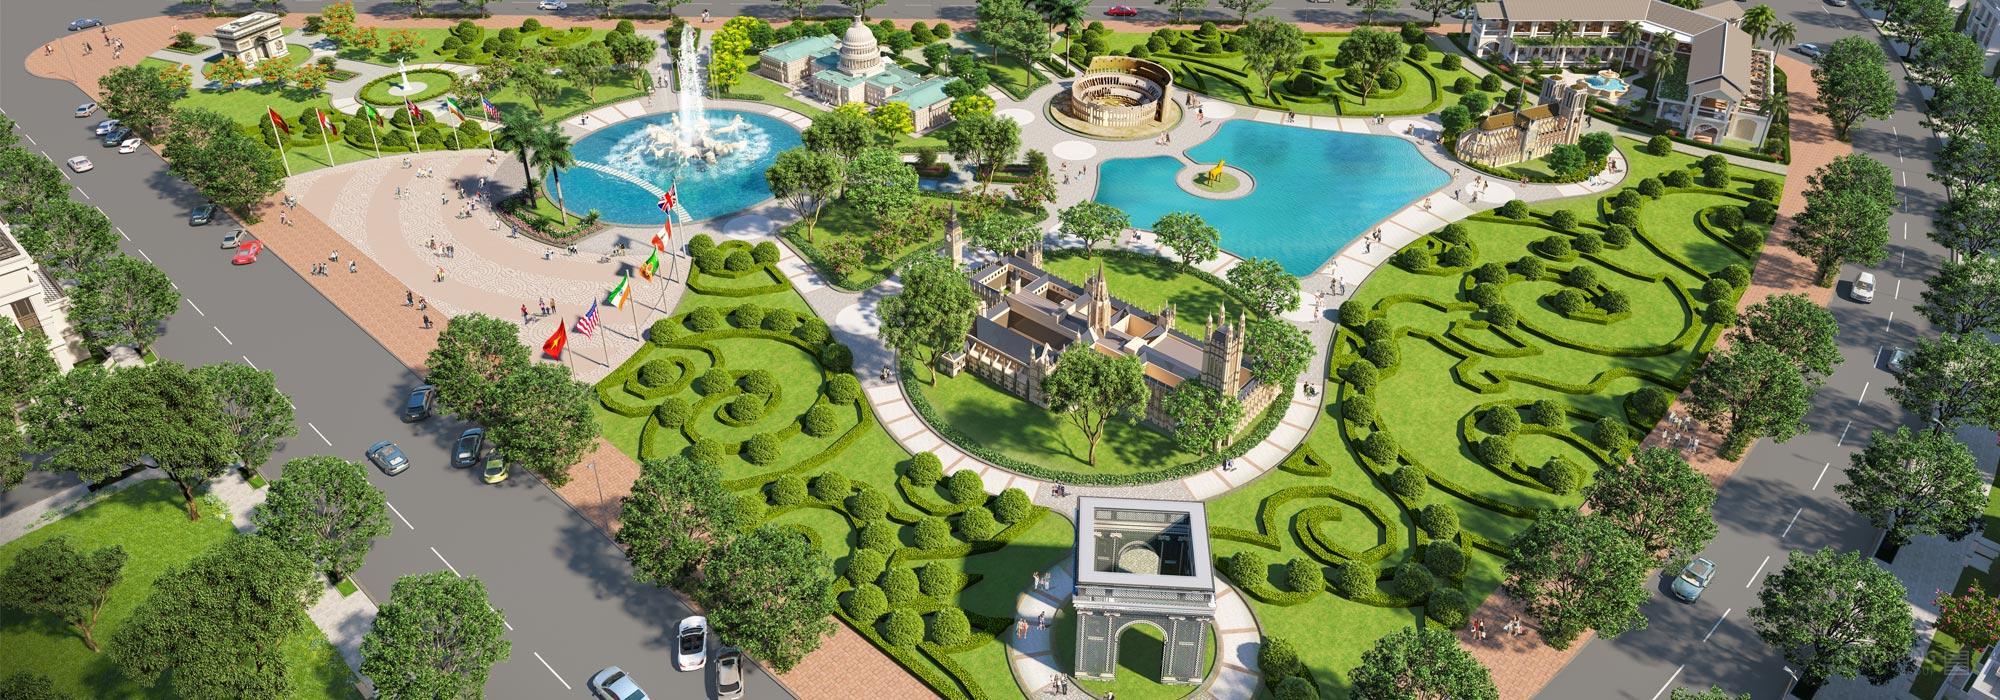 13 Đất dự án Cát Tường Phú Hưng -Tp Đồng Xoài, Bình Phước